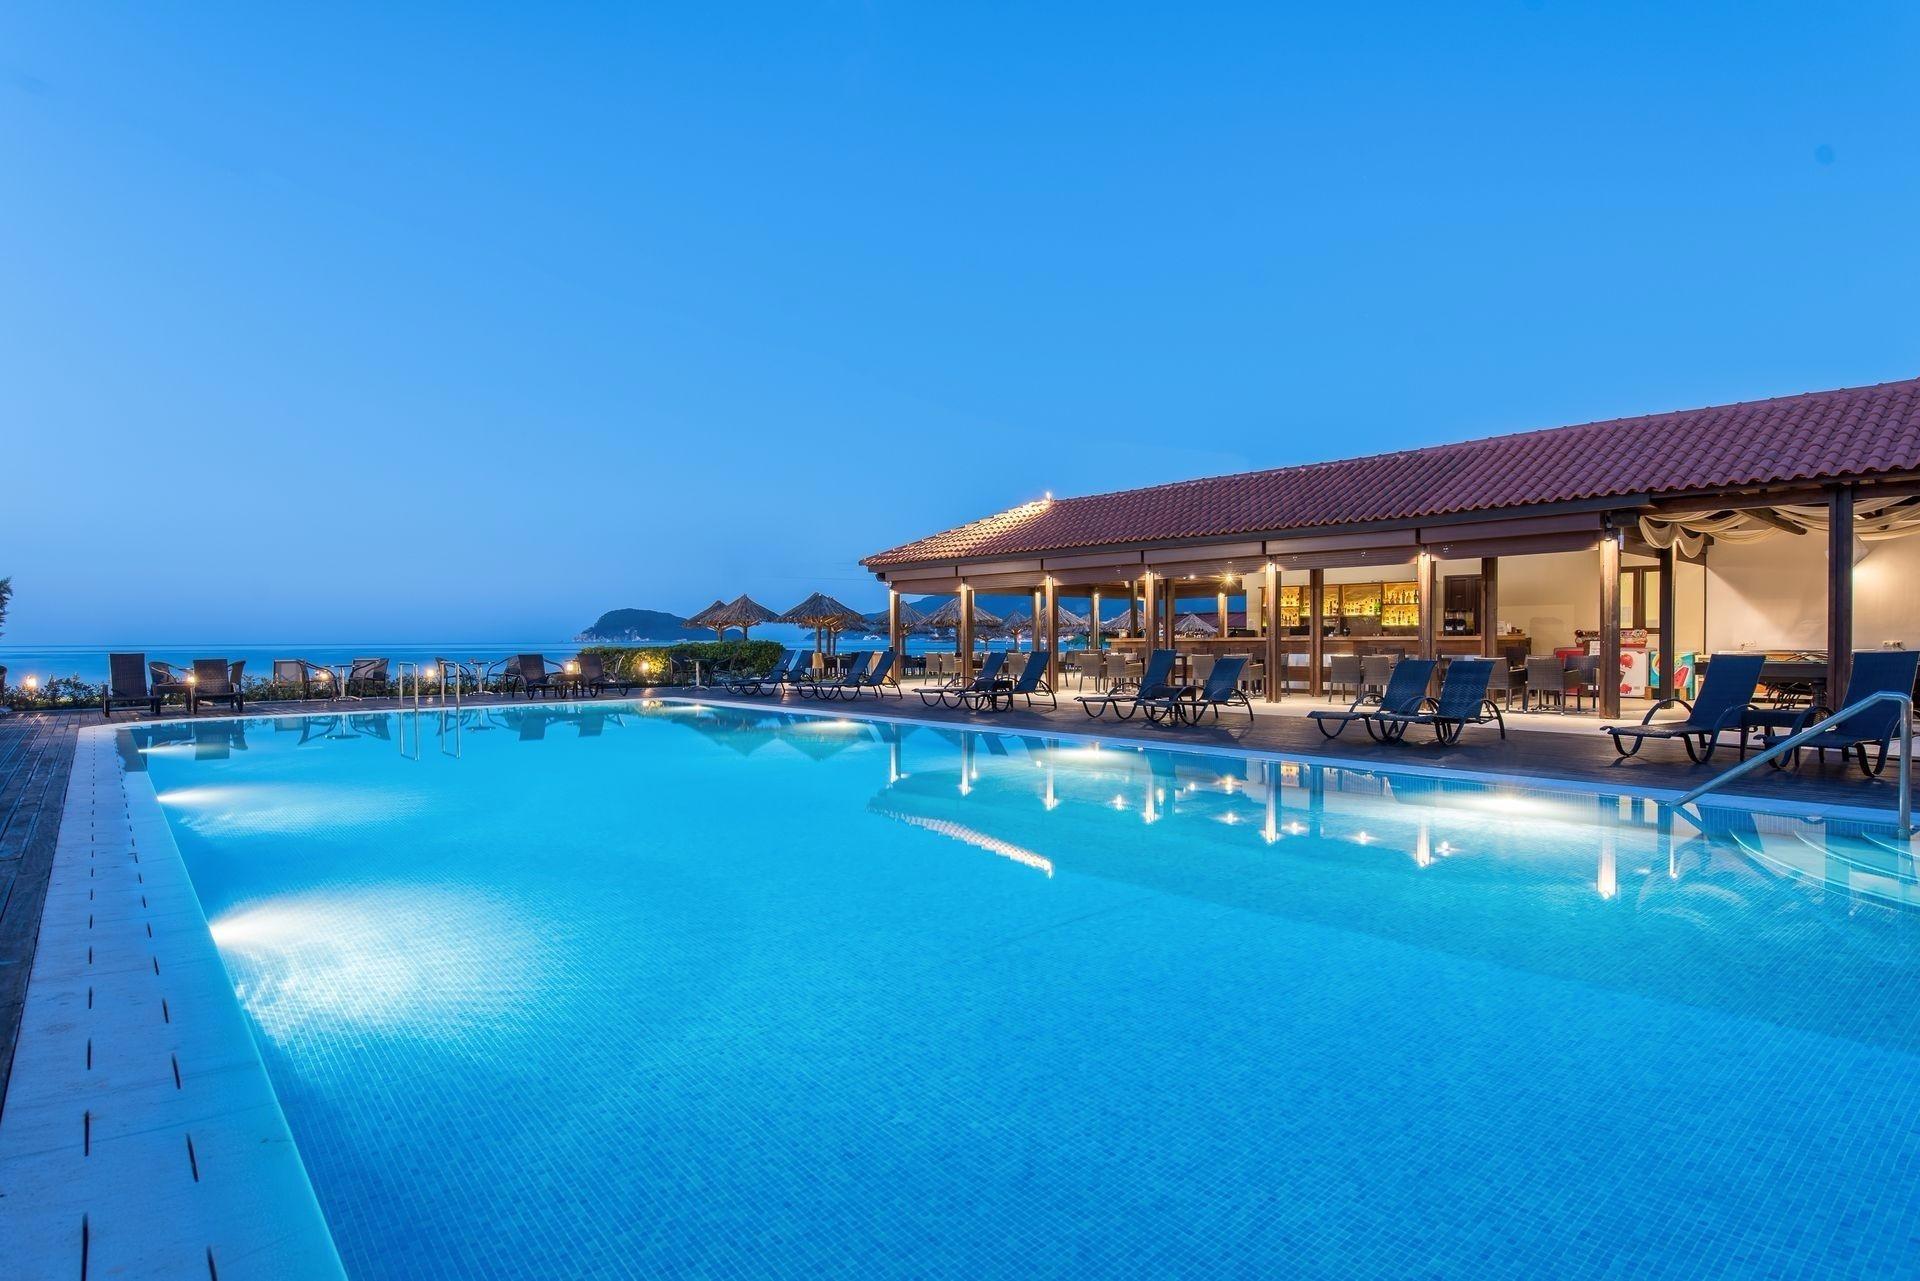 5* Galaxy Beach Resort - Ζάκυνθος, Λαγανάς ✦ -40% ✦